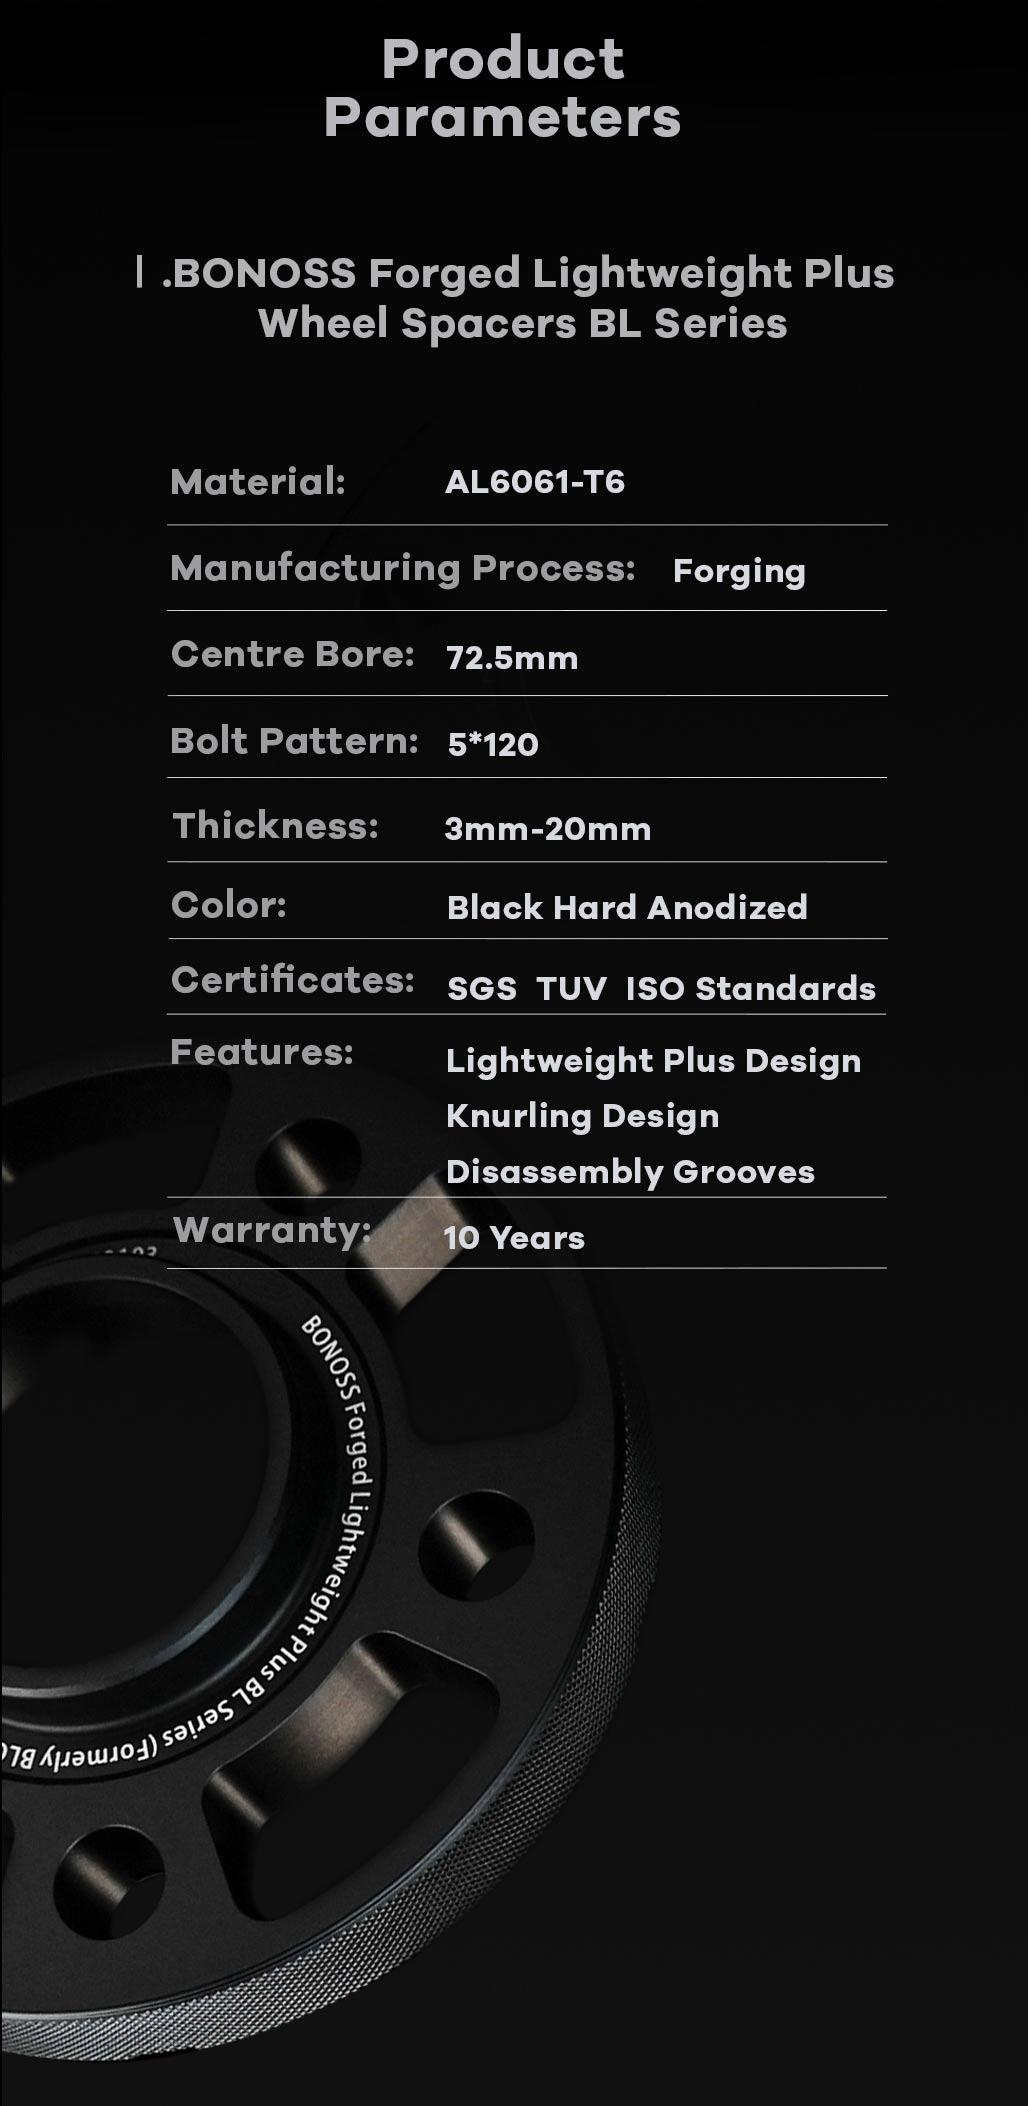 AL6061-T6-BONOSS-forged-lightweight-plus-wheel-spacers-5x120-72.5-14x1.25-by lulu-9